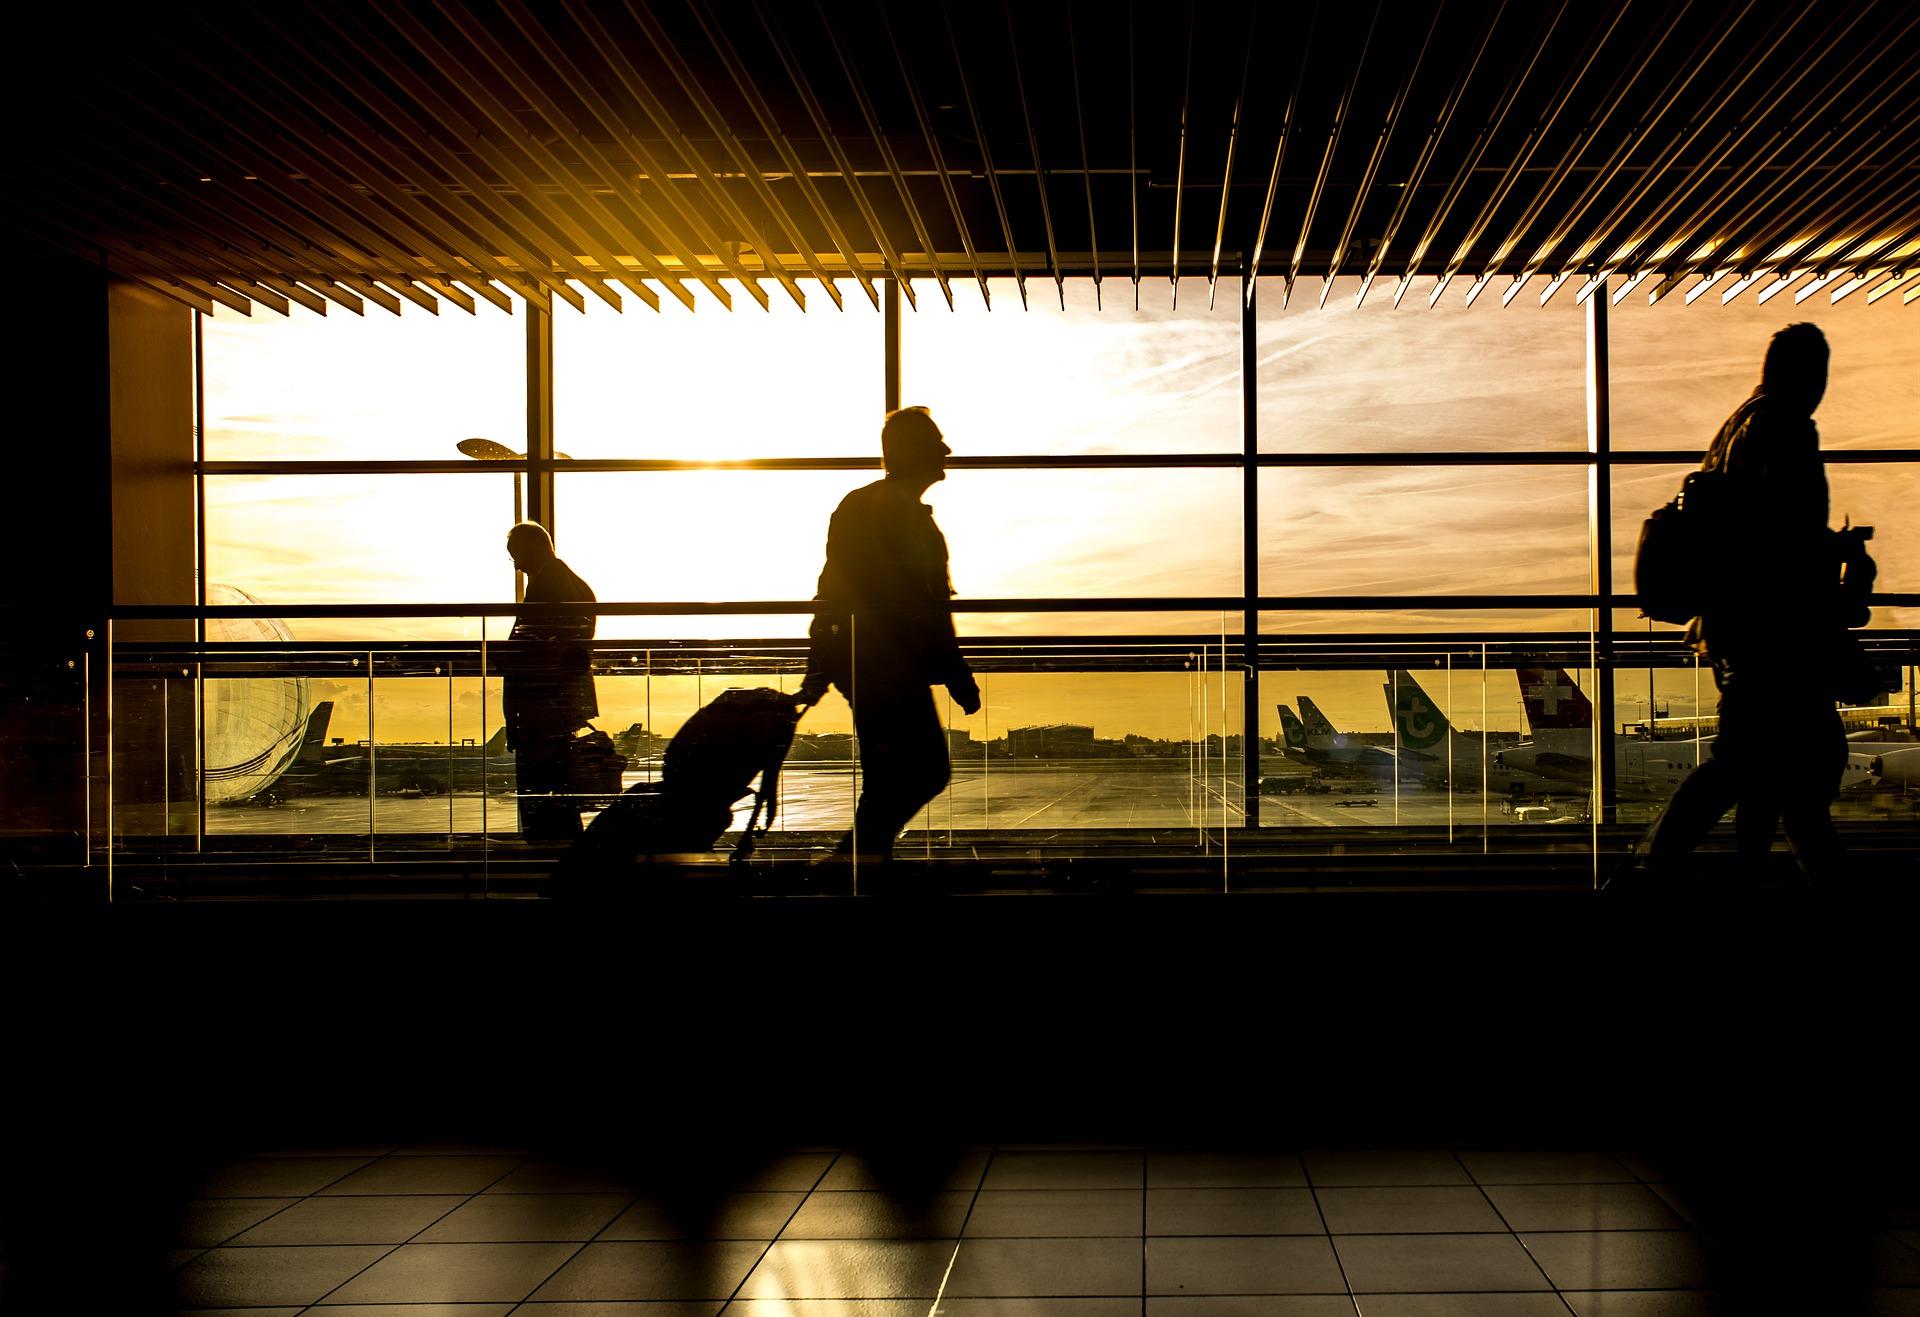 comprar passagens aéreas mais baratas